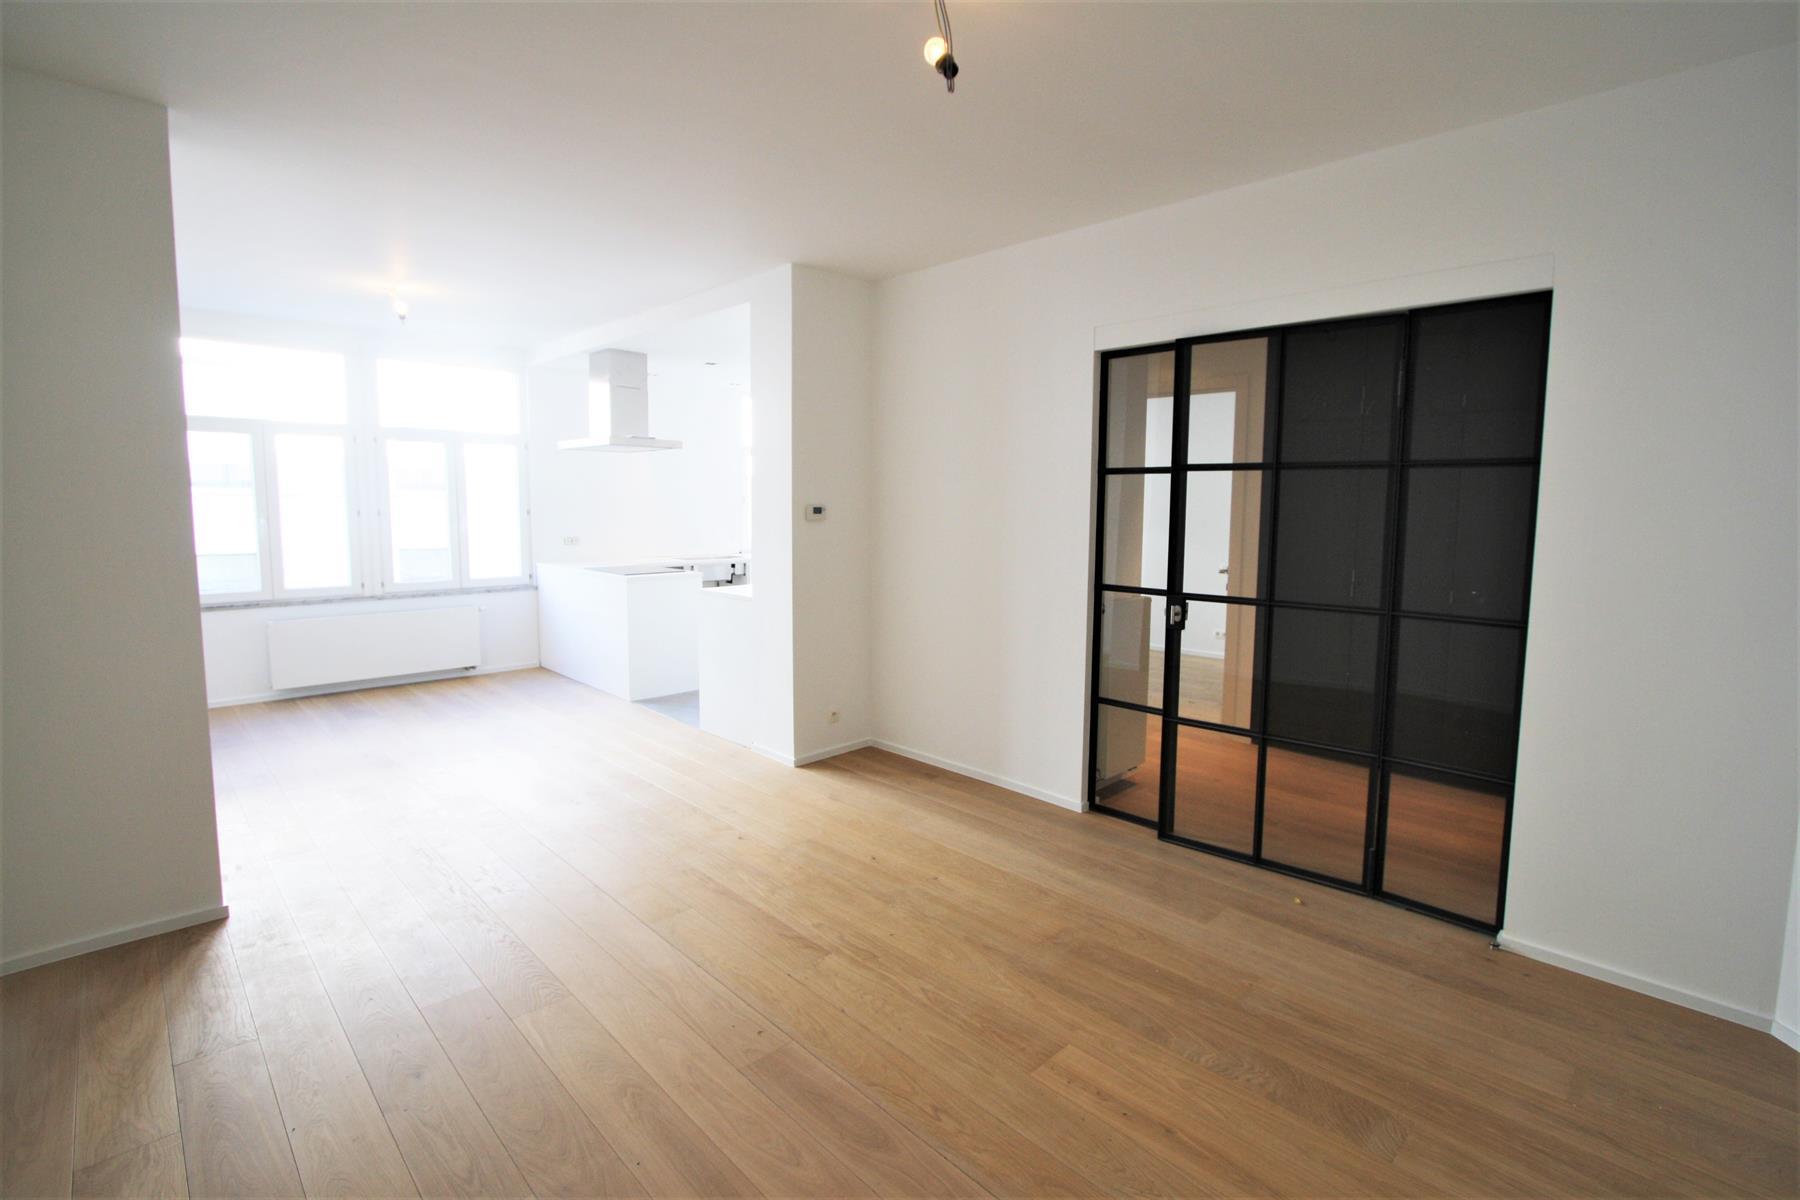 Appartement - Saint-Gilles - #4346580-1